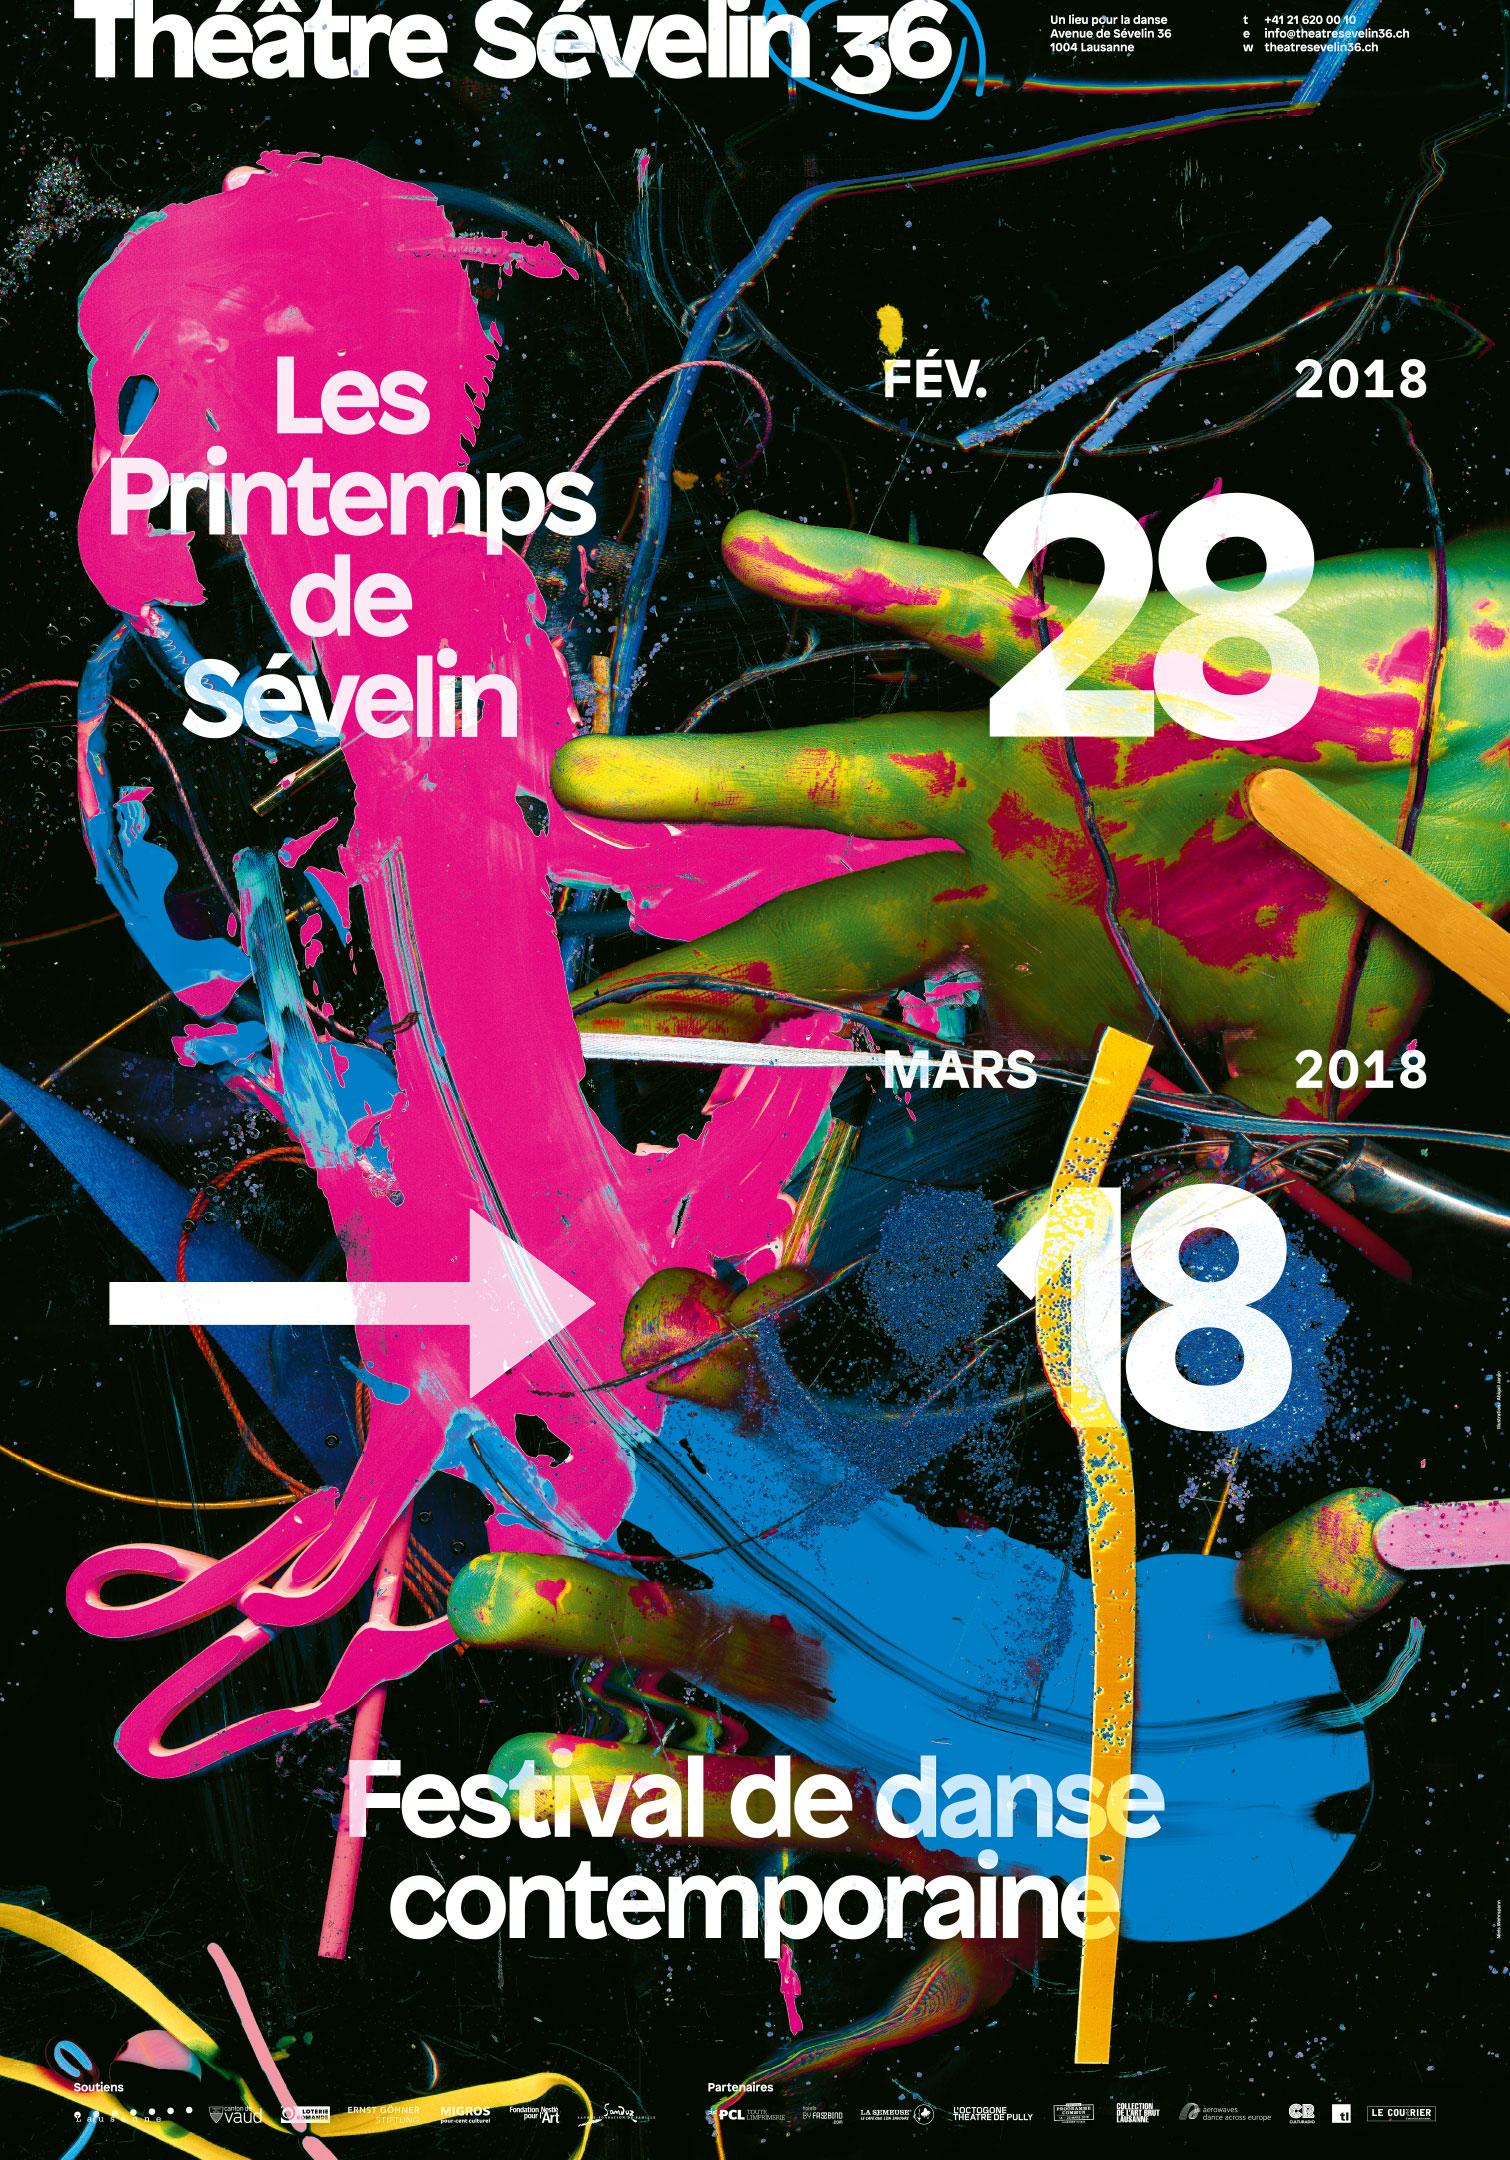 Affiche des Printemps de Sévelin 2018